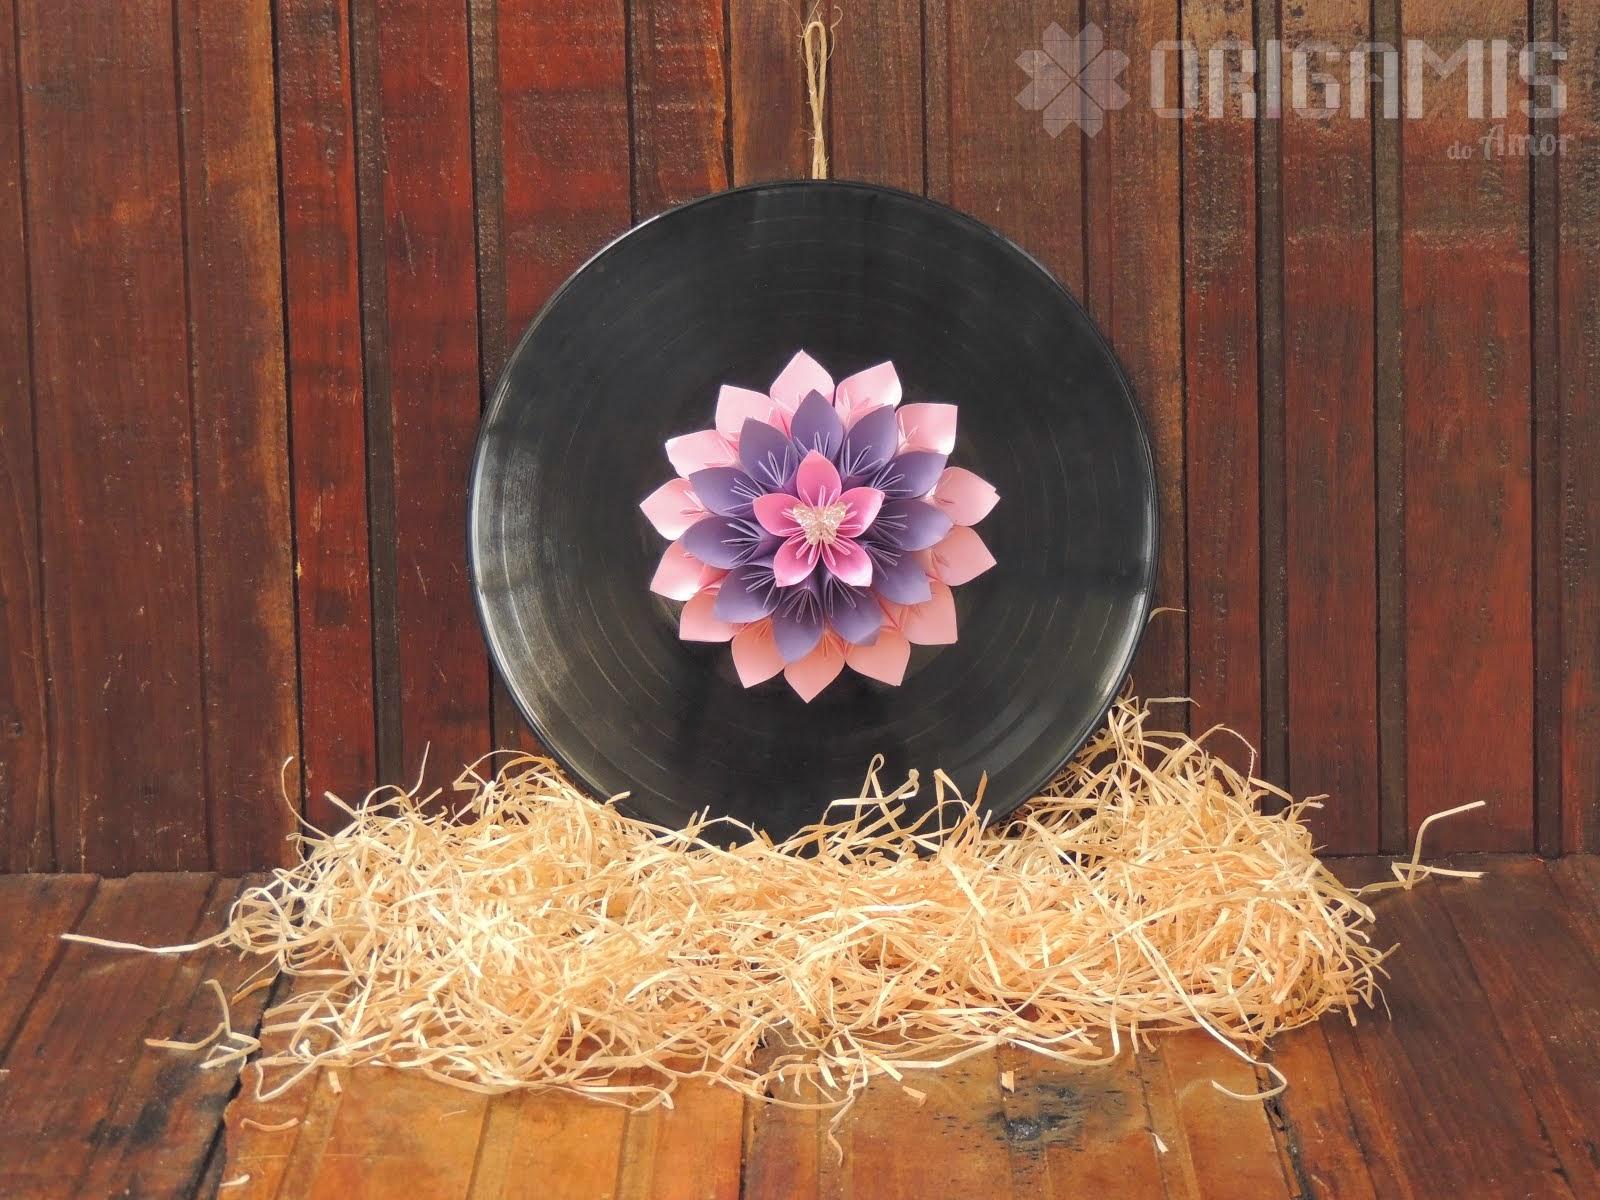 Mandala de Origami em Vinil